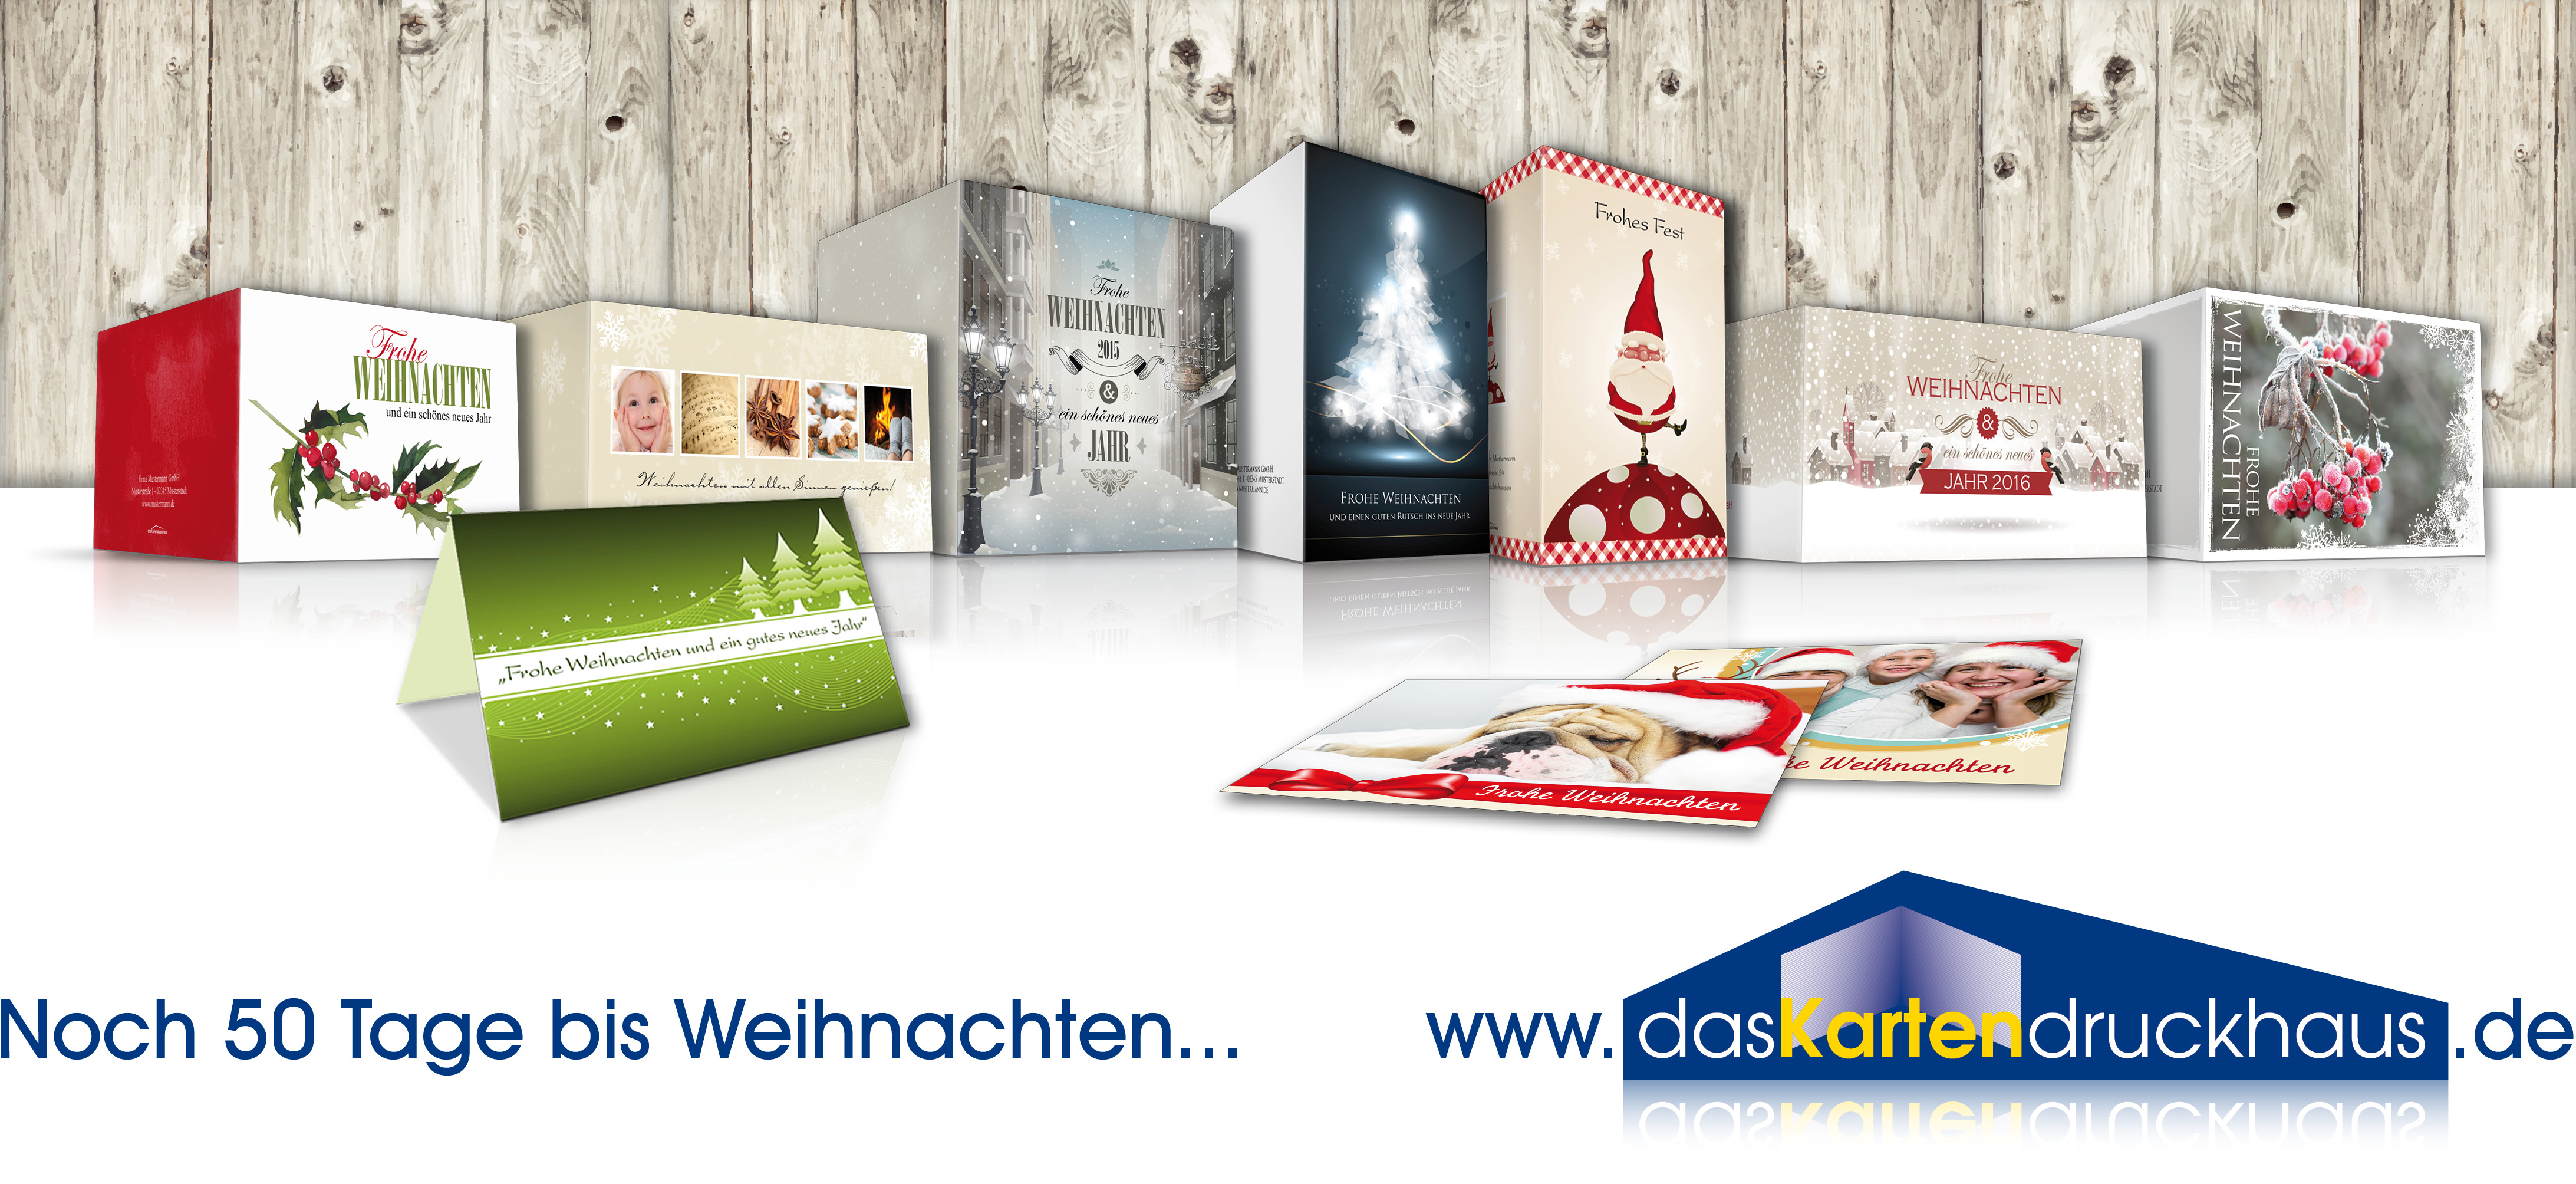 50 tage bis weihnachten daskartendruckhaus magazin. Black Bedroom Furniture Sets. Home Design Ideas